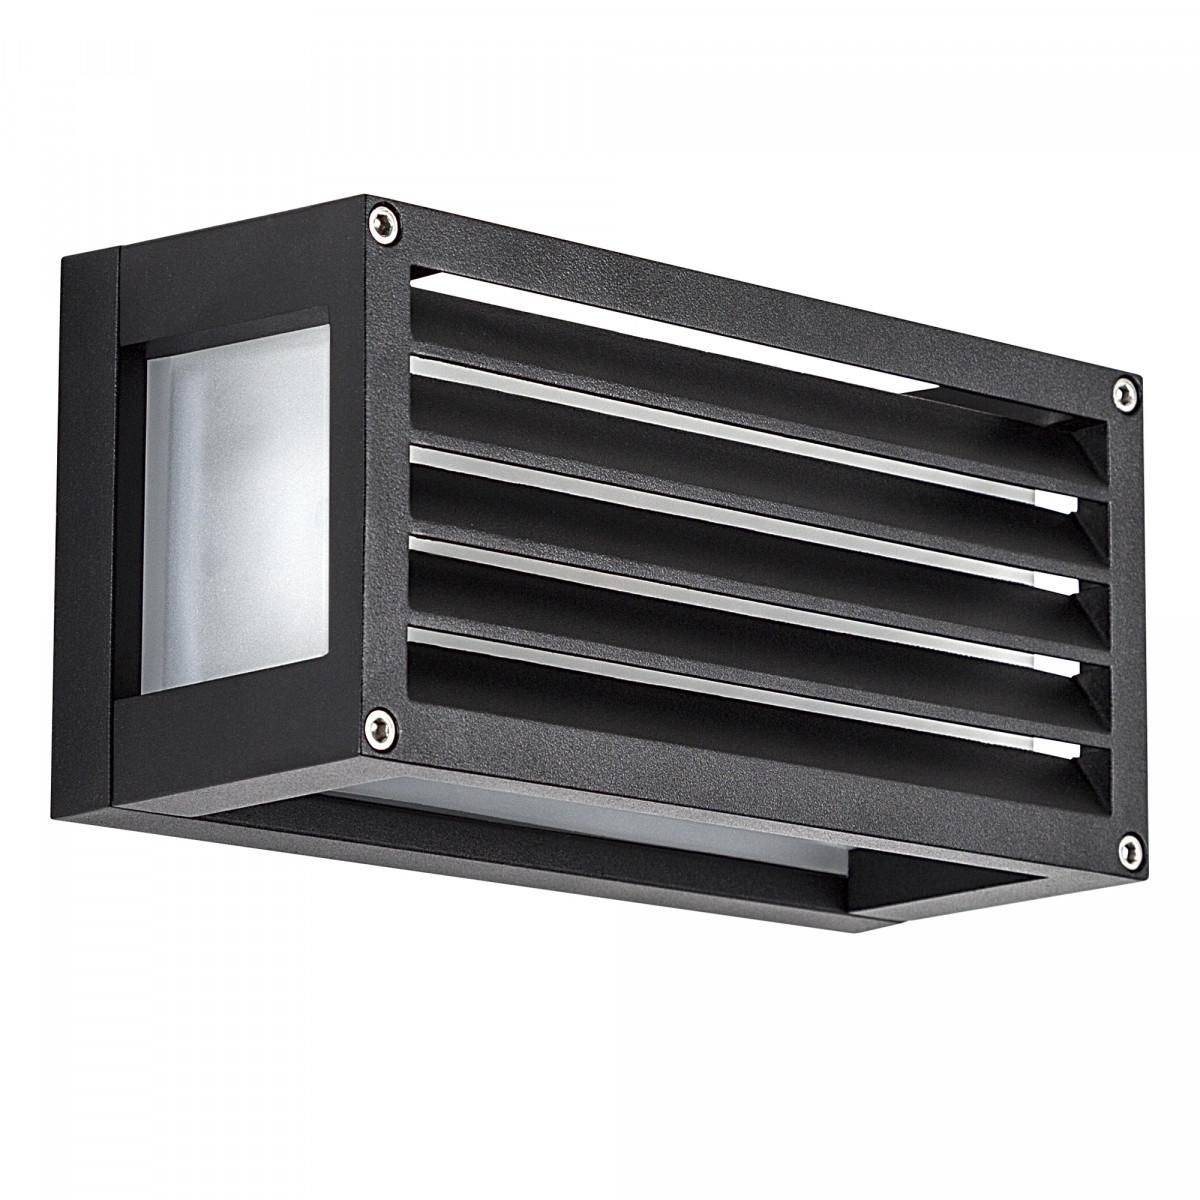 zwarte muurlamp met matte beglazing, zwarte frame met lamellen, box design wandlamp voor buiten, e27 fitting niet zichtbaar, moderne buitenmuur verlichting